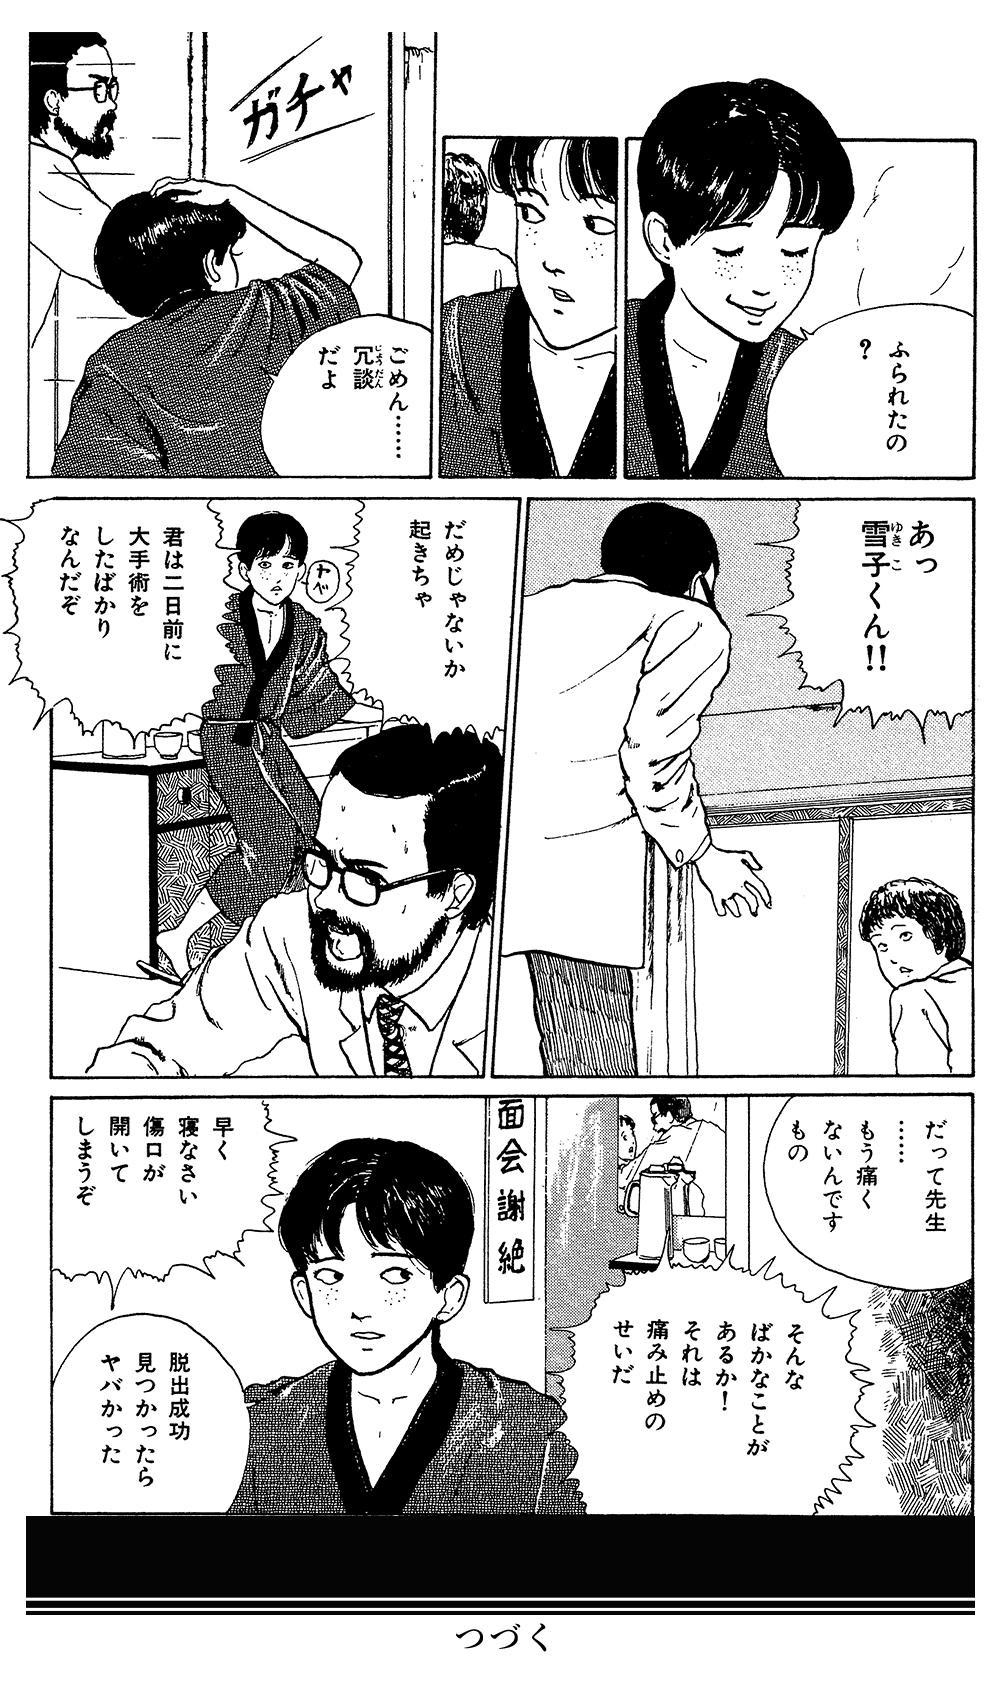 伊藤潤二傑作集 第3話「富江 地下室」①junji06-11.jpg